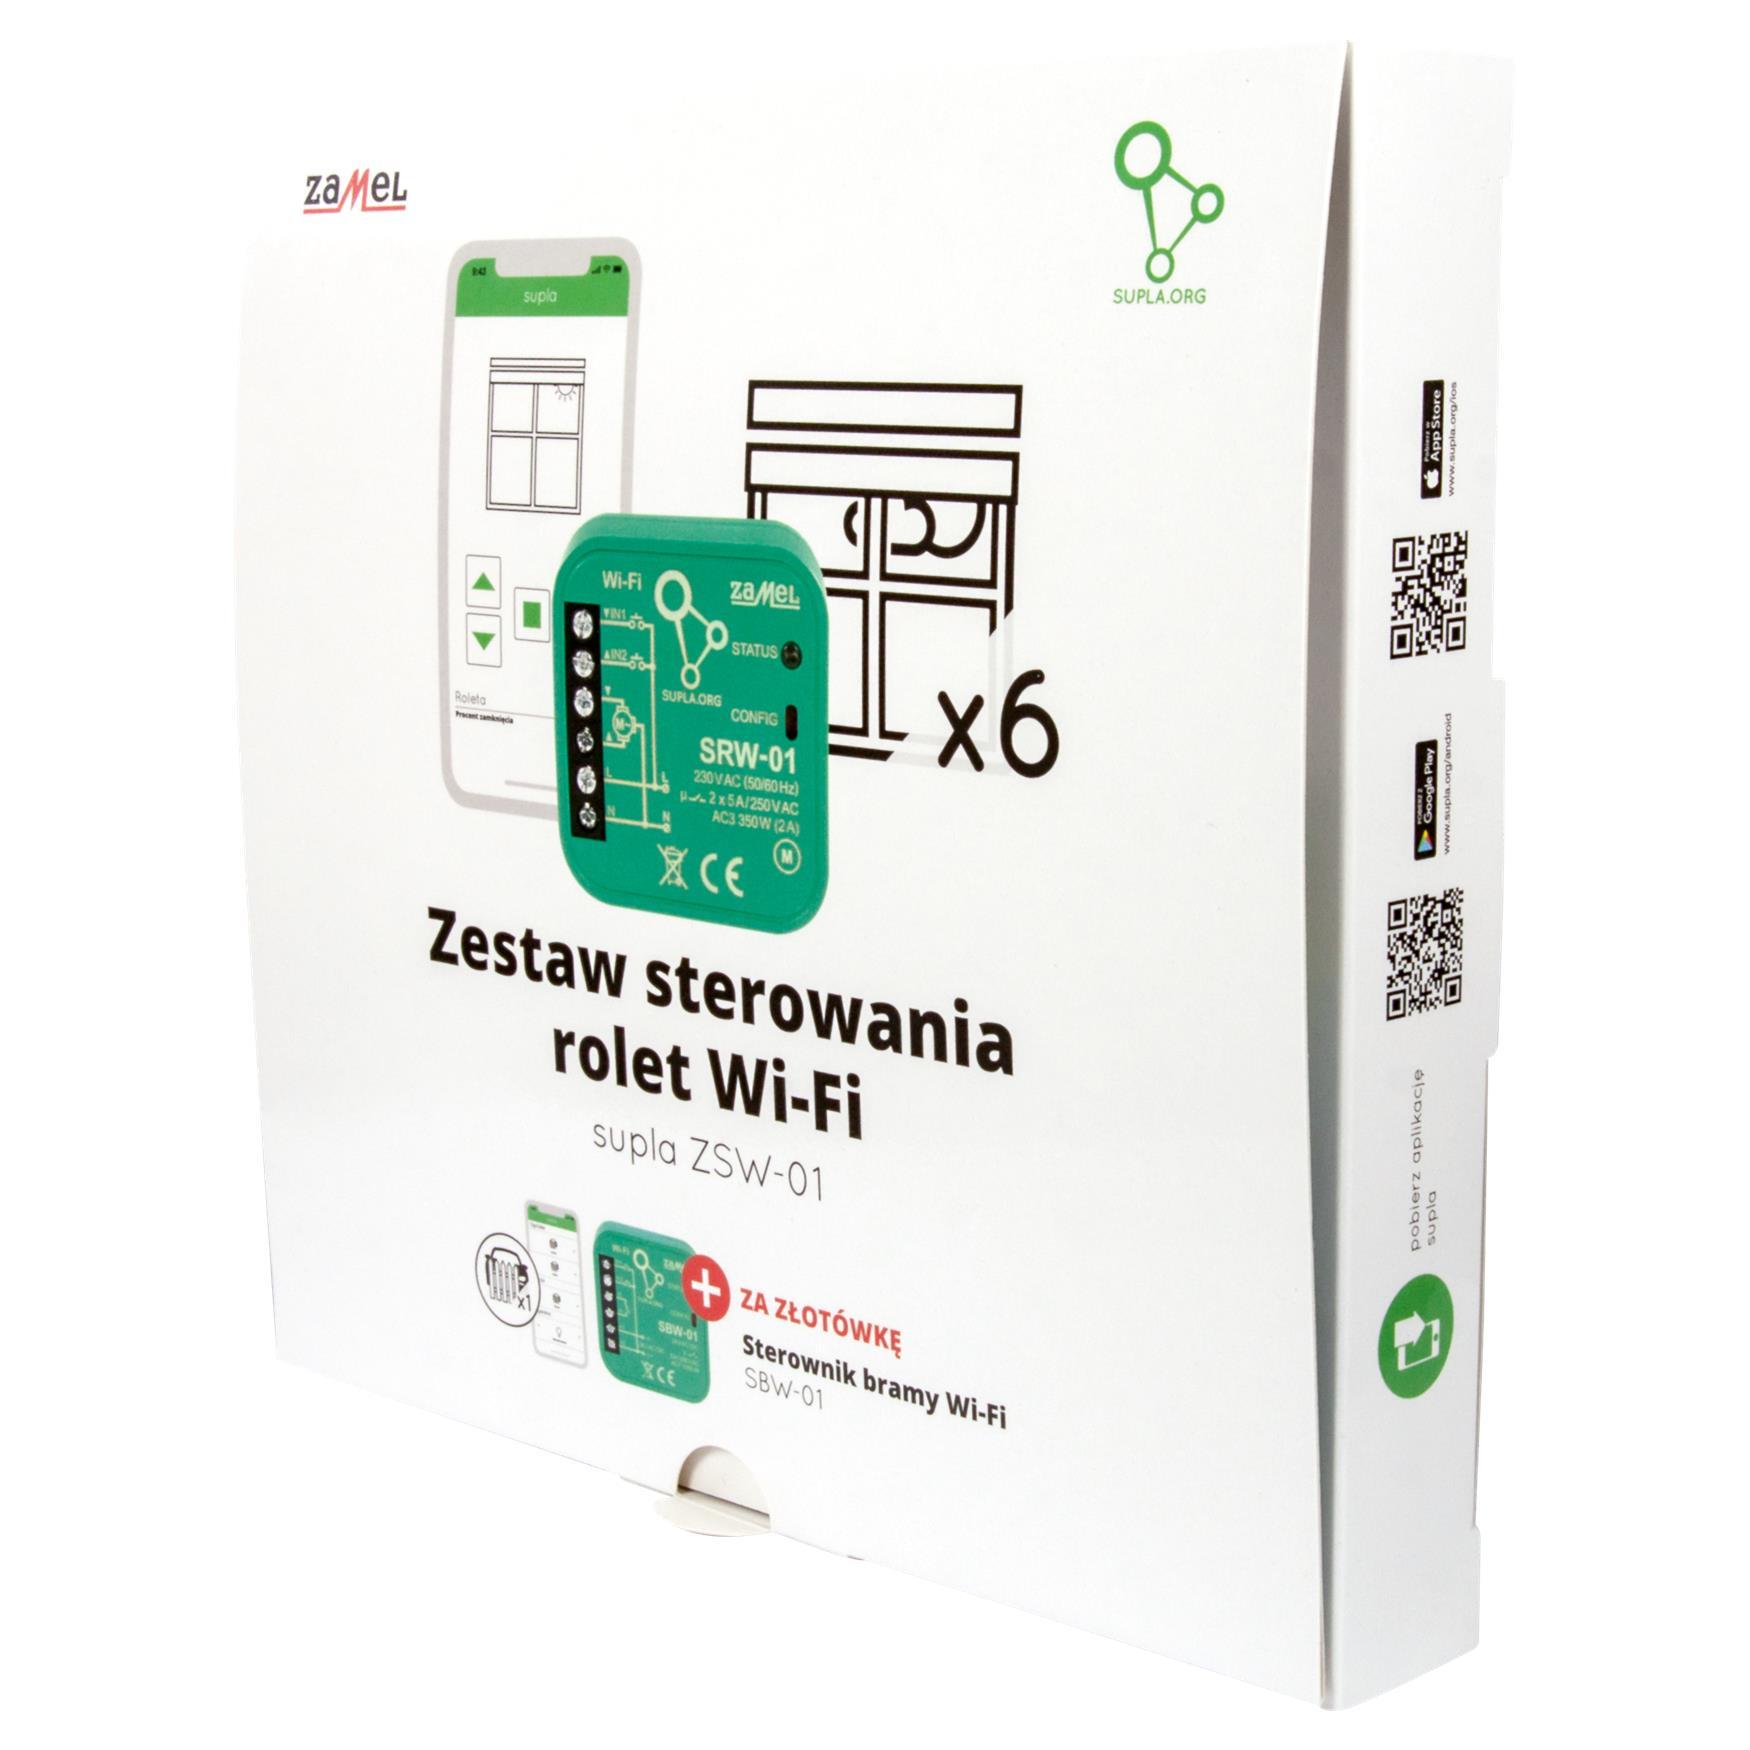 ZSW-01_Zestaw_sterowanie_rolet_i_bramy_5903669444510_05